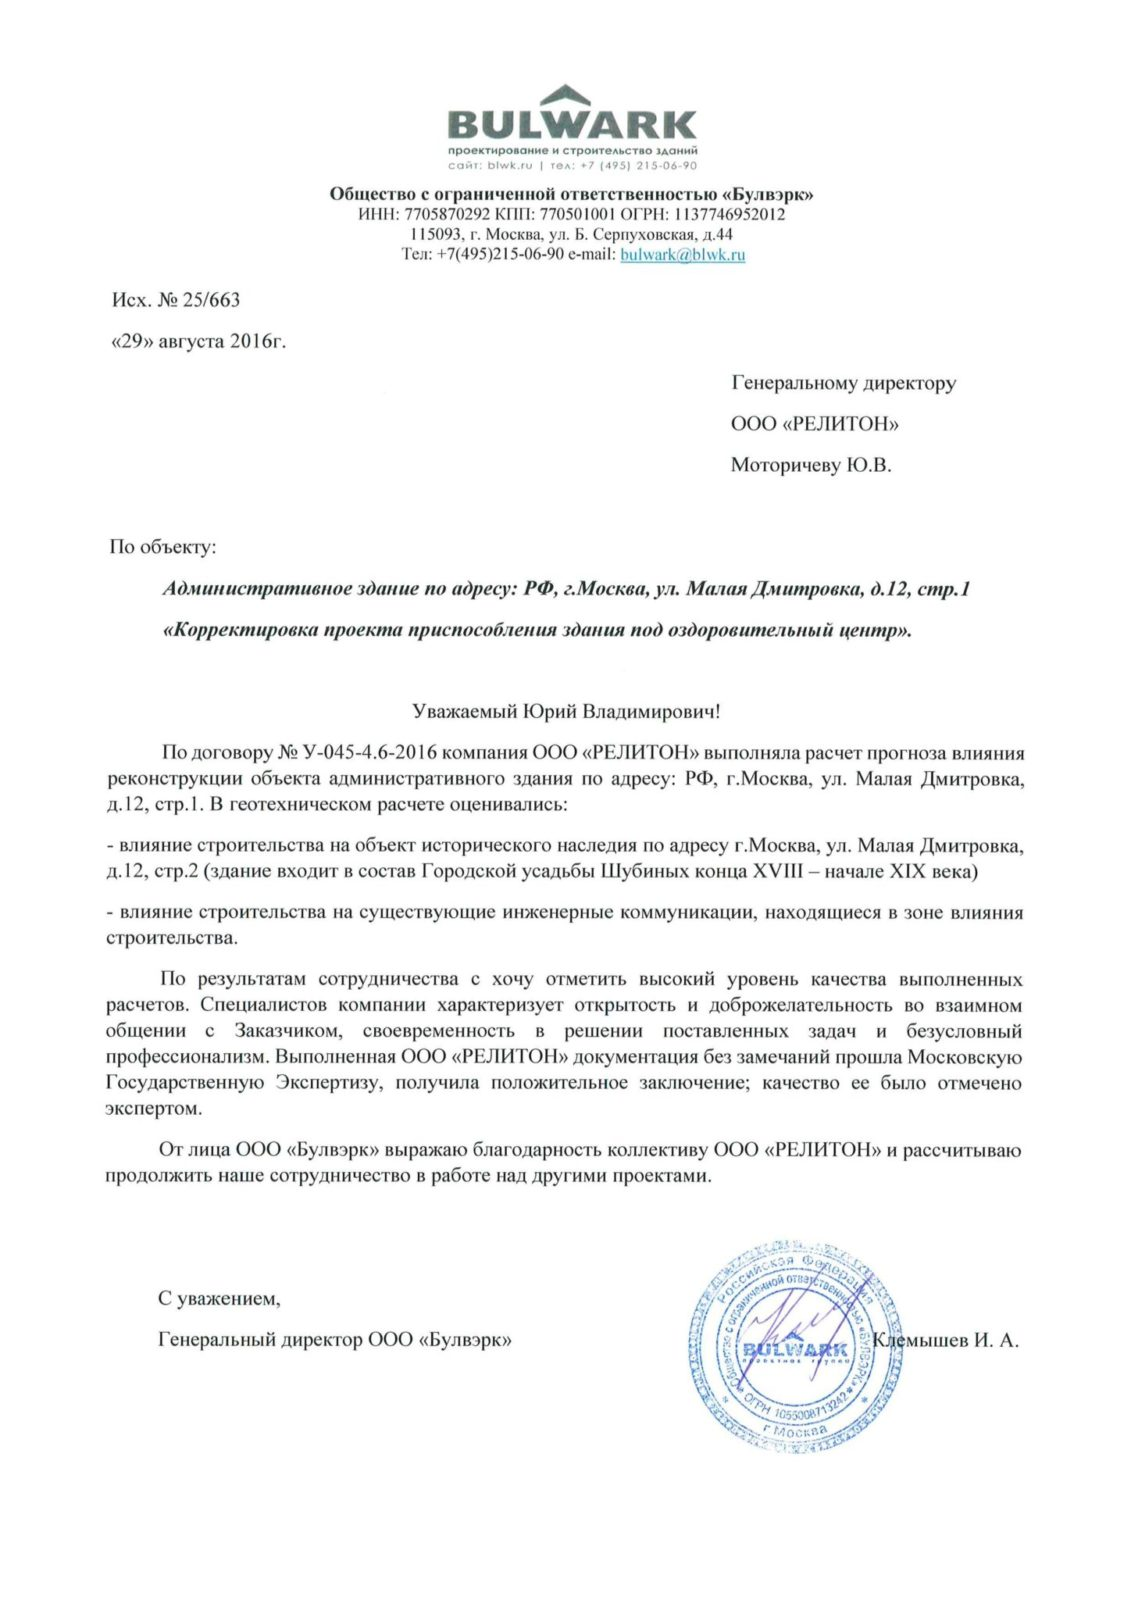 Otzyv-o-sotrudnichestve-s-kompaniej-reliton-ot-kompanii-bulwark.jpg